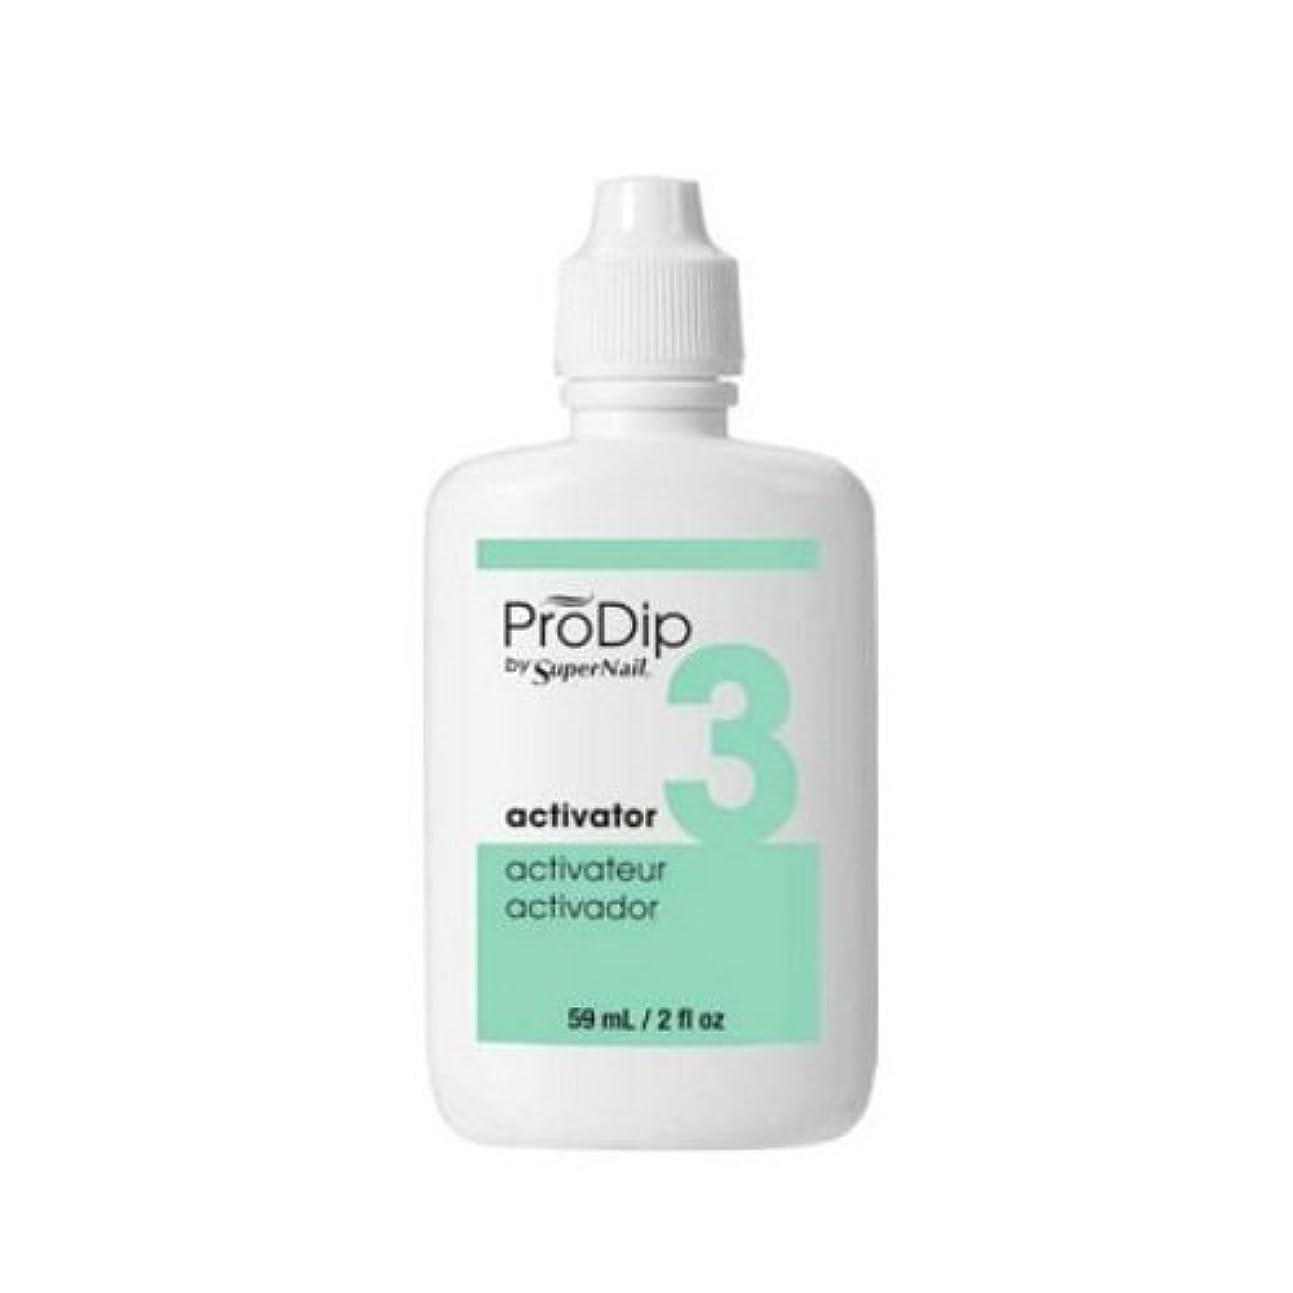 遷移真っ逆さまシングルSuperNail ProDip - Activator - 59 ml/2 oz